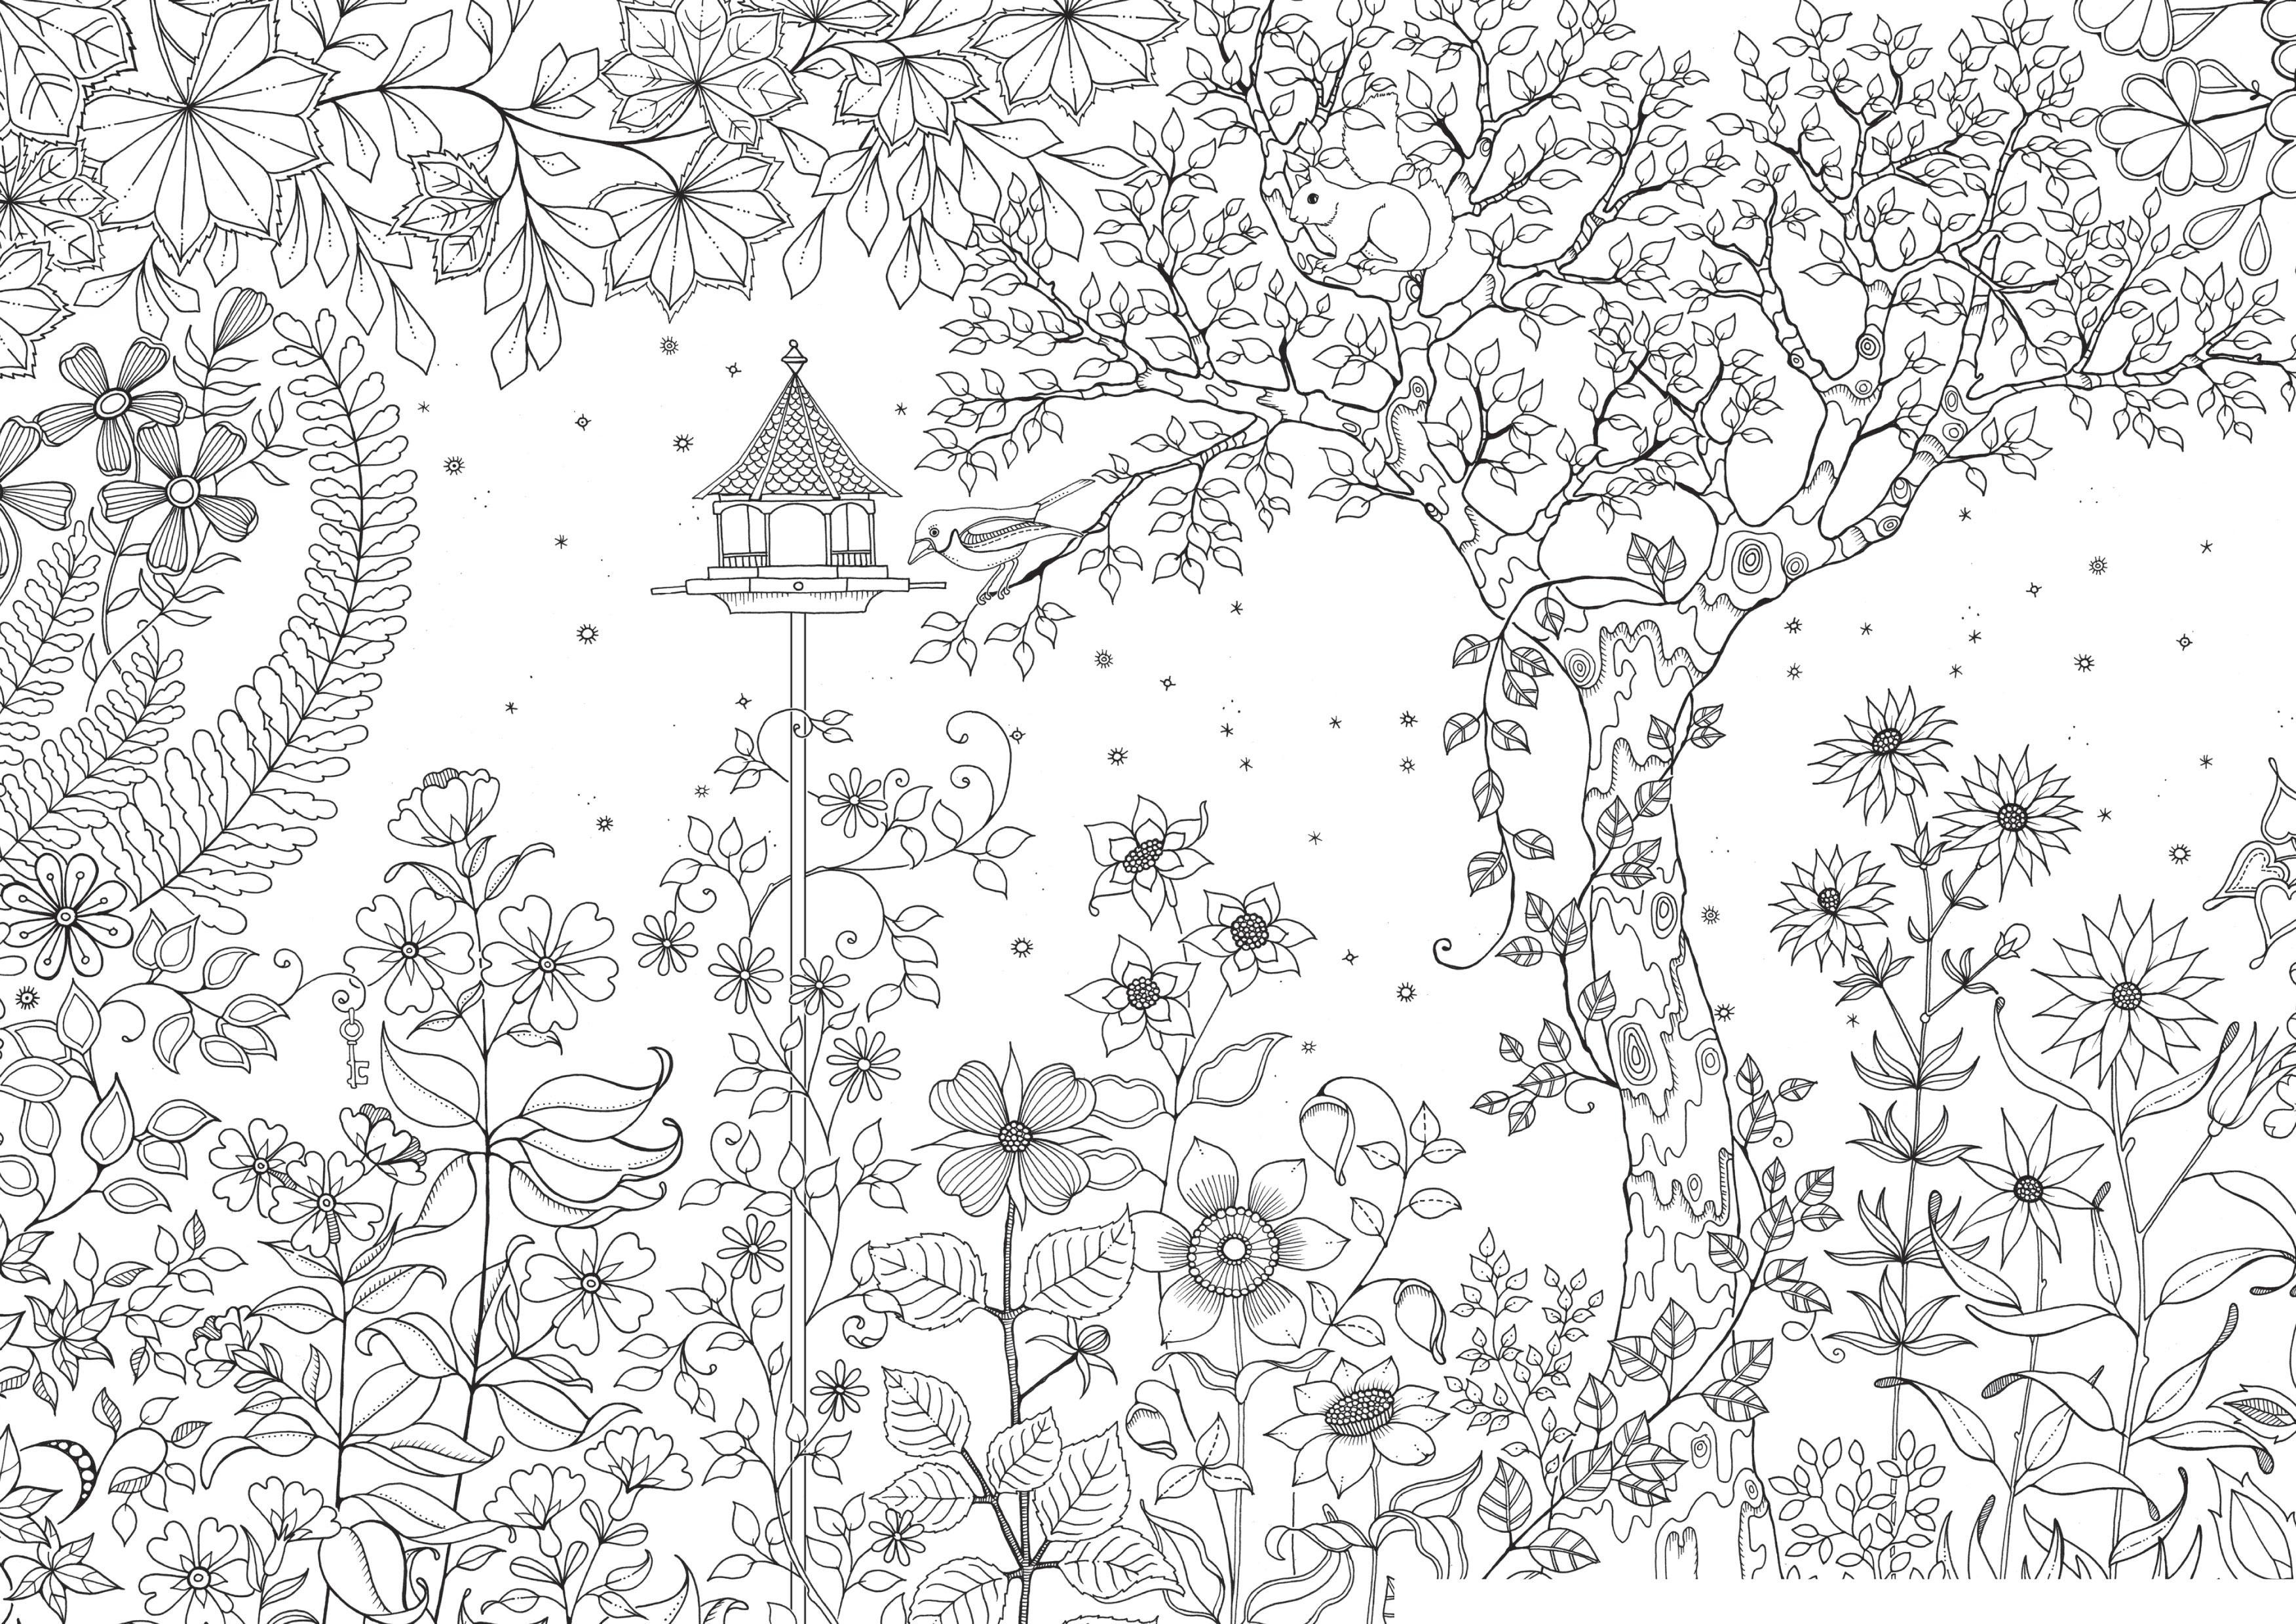 Море цветов возле дерева и маленький домик Красивые раскраски цветов